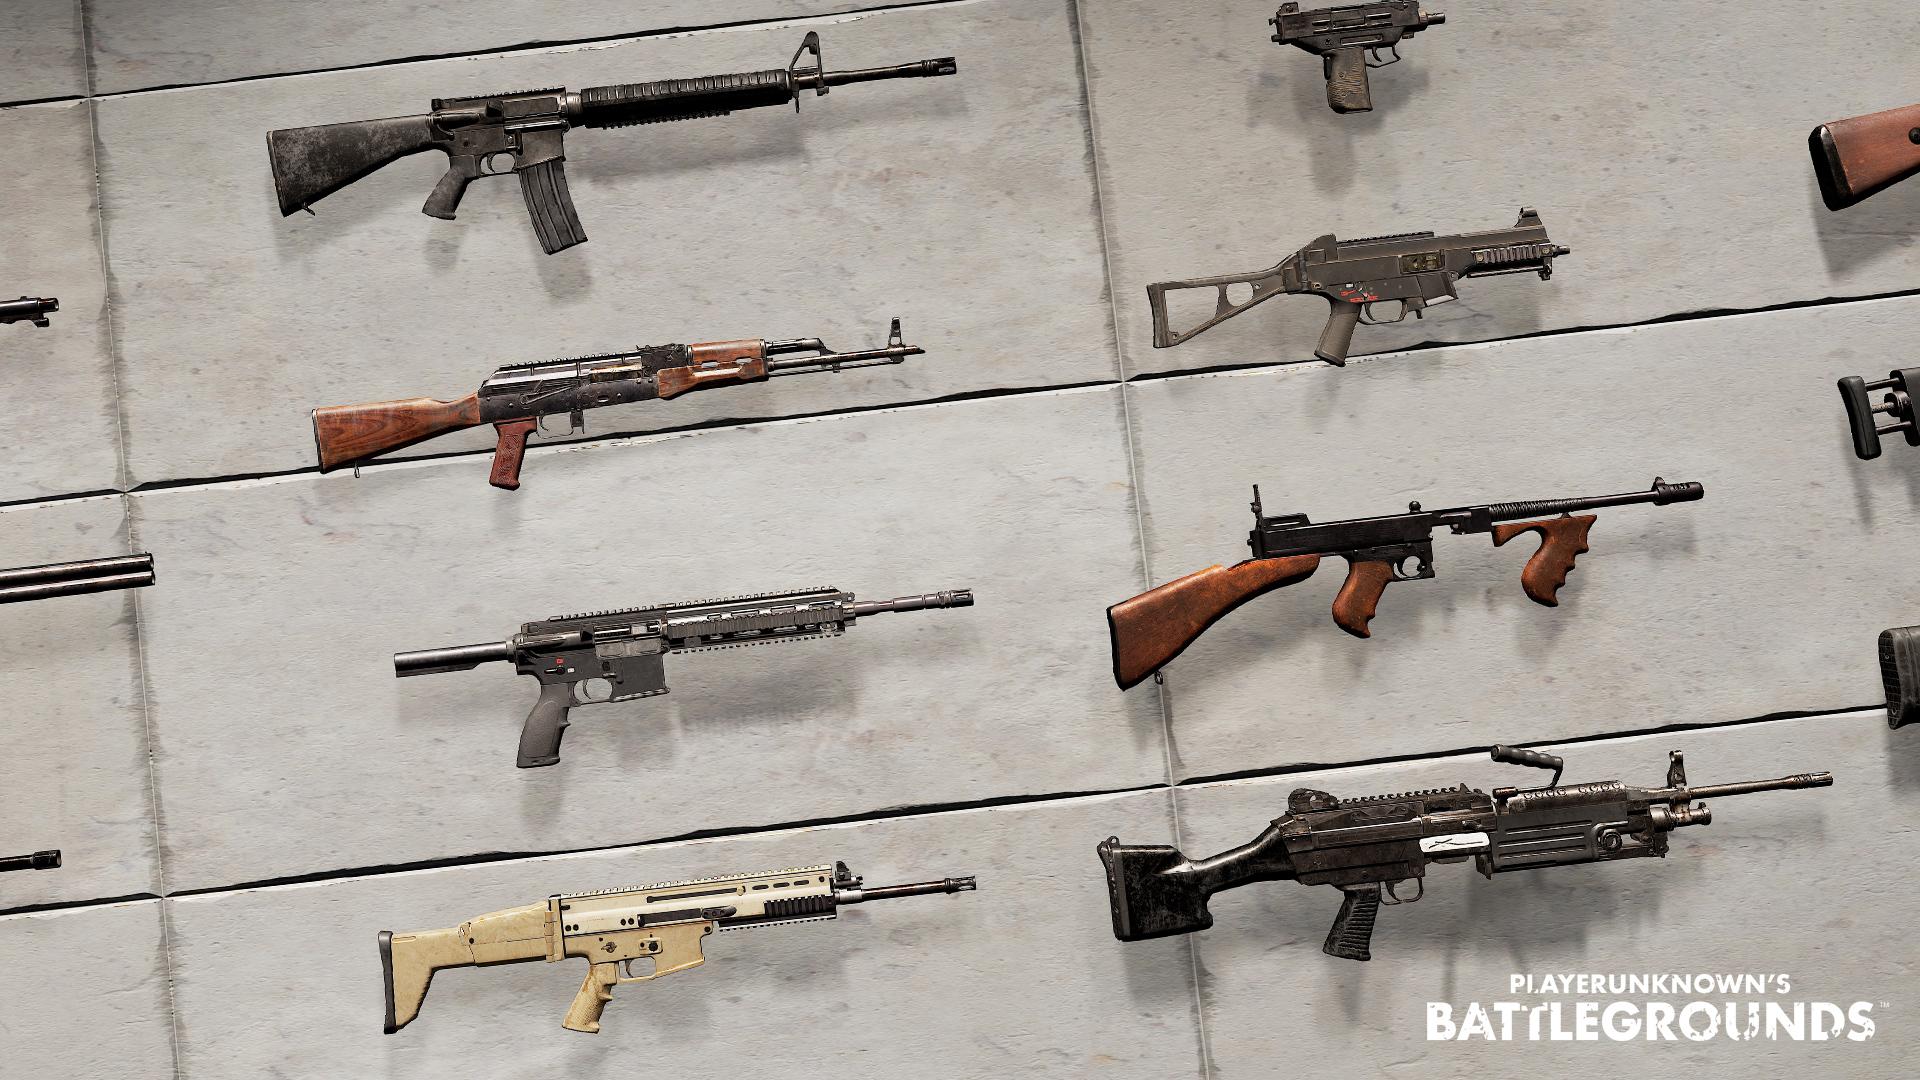 Playerunknown's Battlegrounds – Waffen und Fahrzeuge des Battle-Royal-Spiels im Blickpunkt